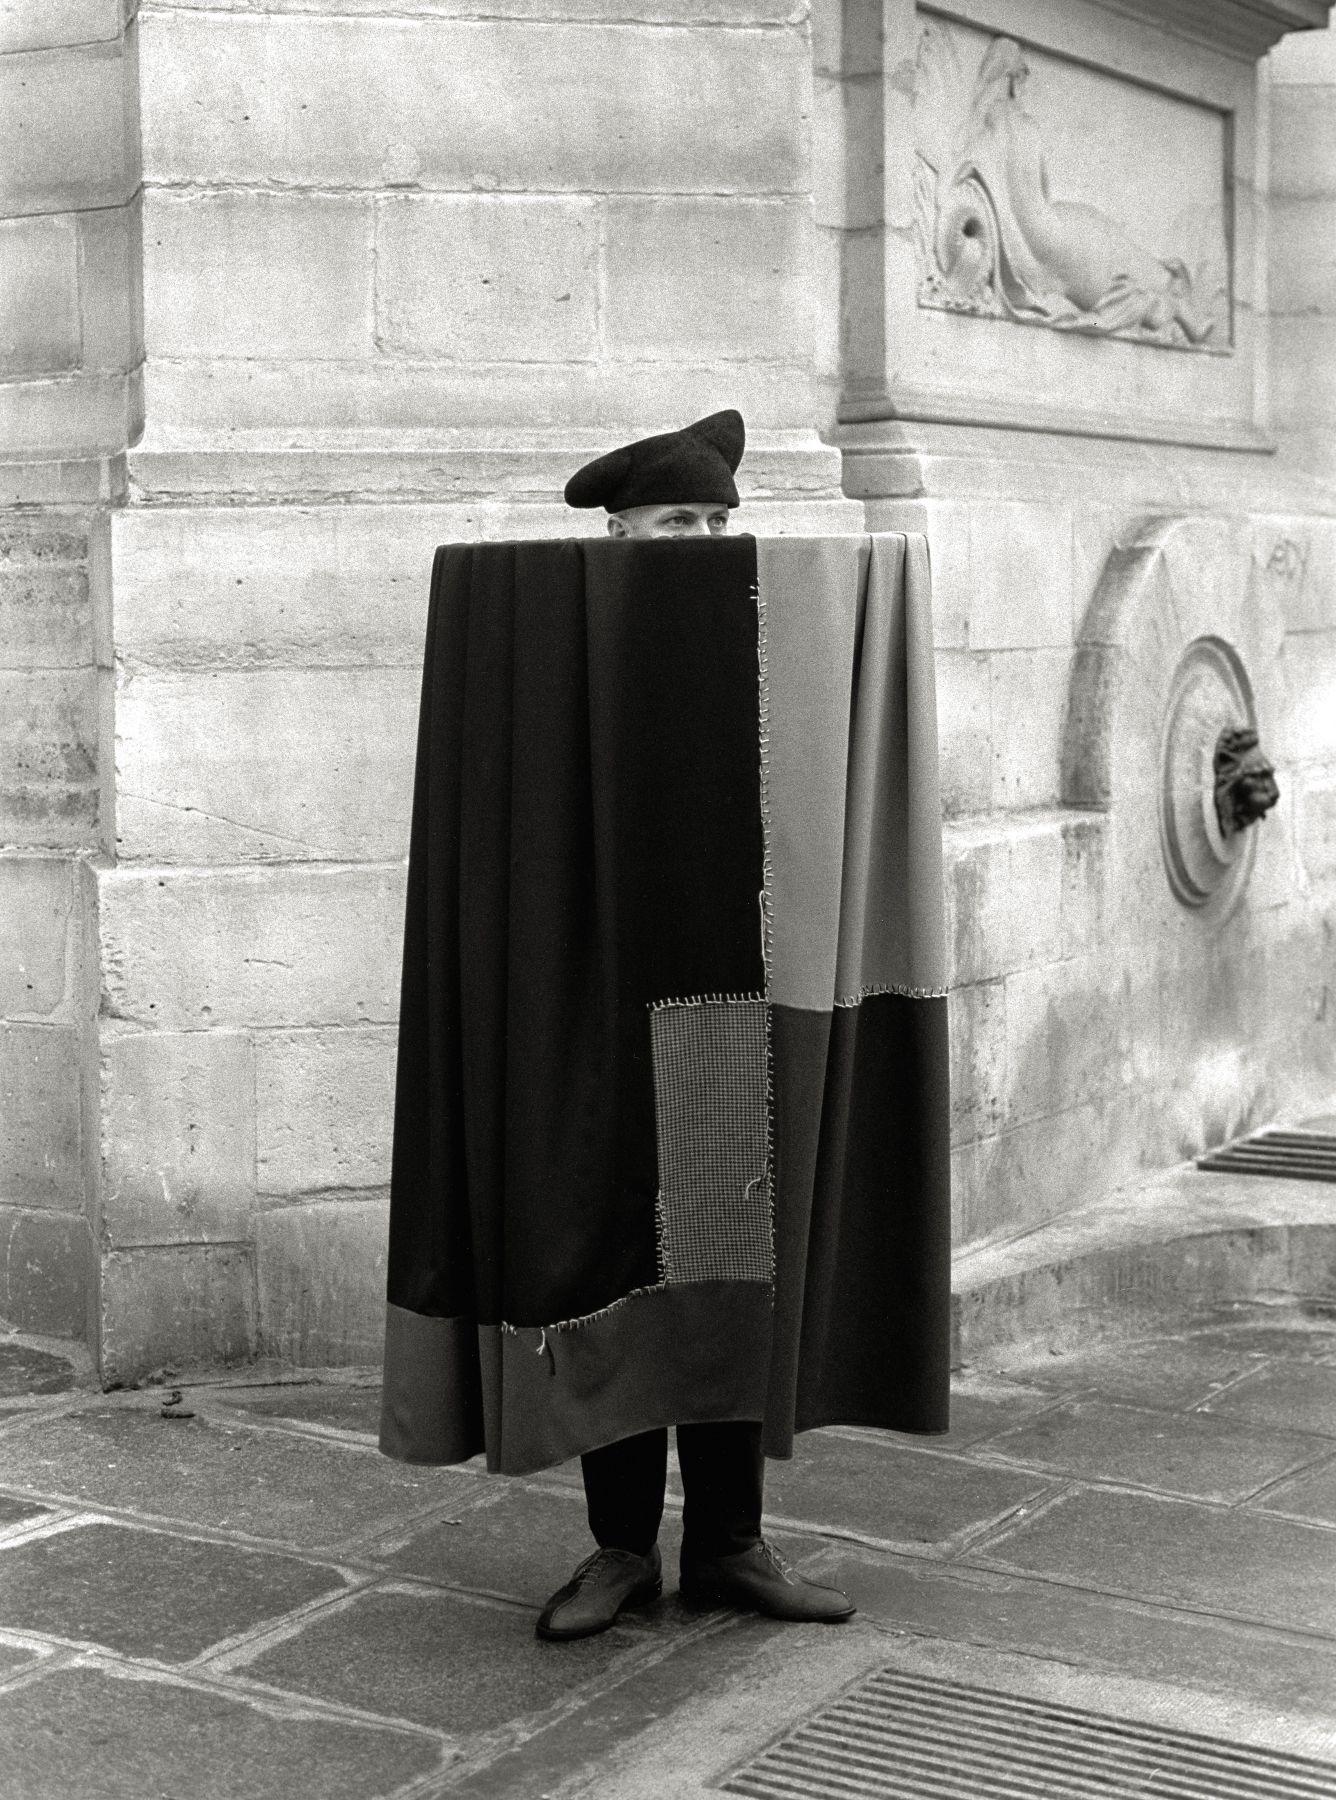 Cloak, Paris, 1992, Archival Pigment Print